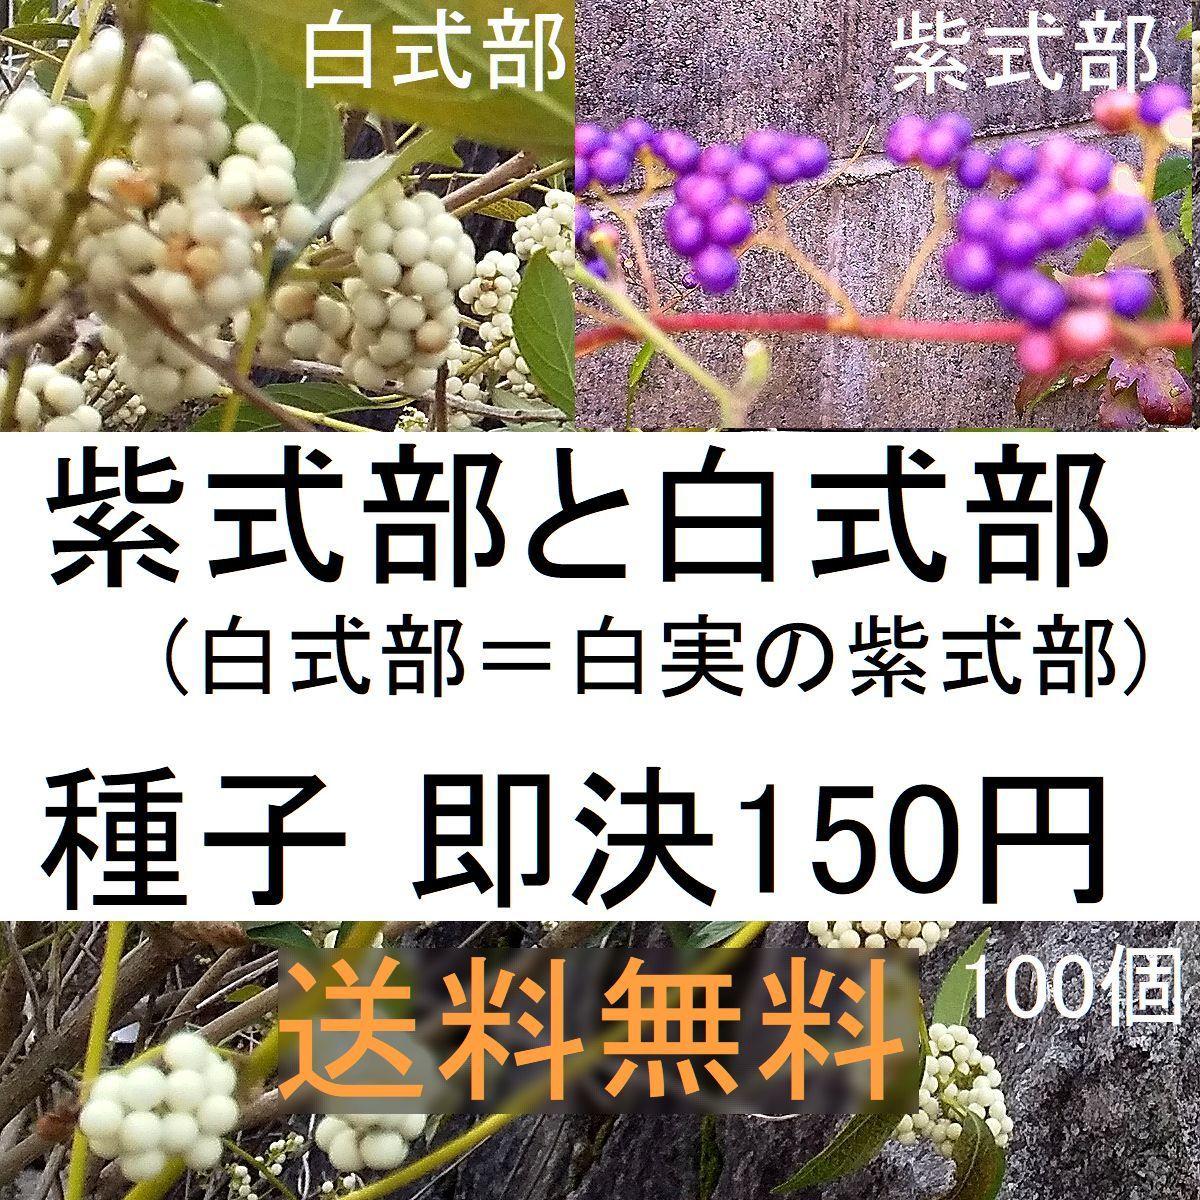 送料無料150円即決!紫式部と白式部 (白実の紫式部) 種子各50+万両の種子15個_今回は、万両のタネ15粒のおまけ付きです